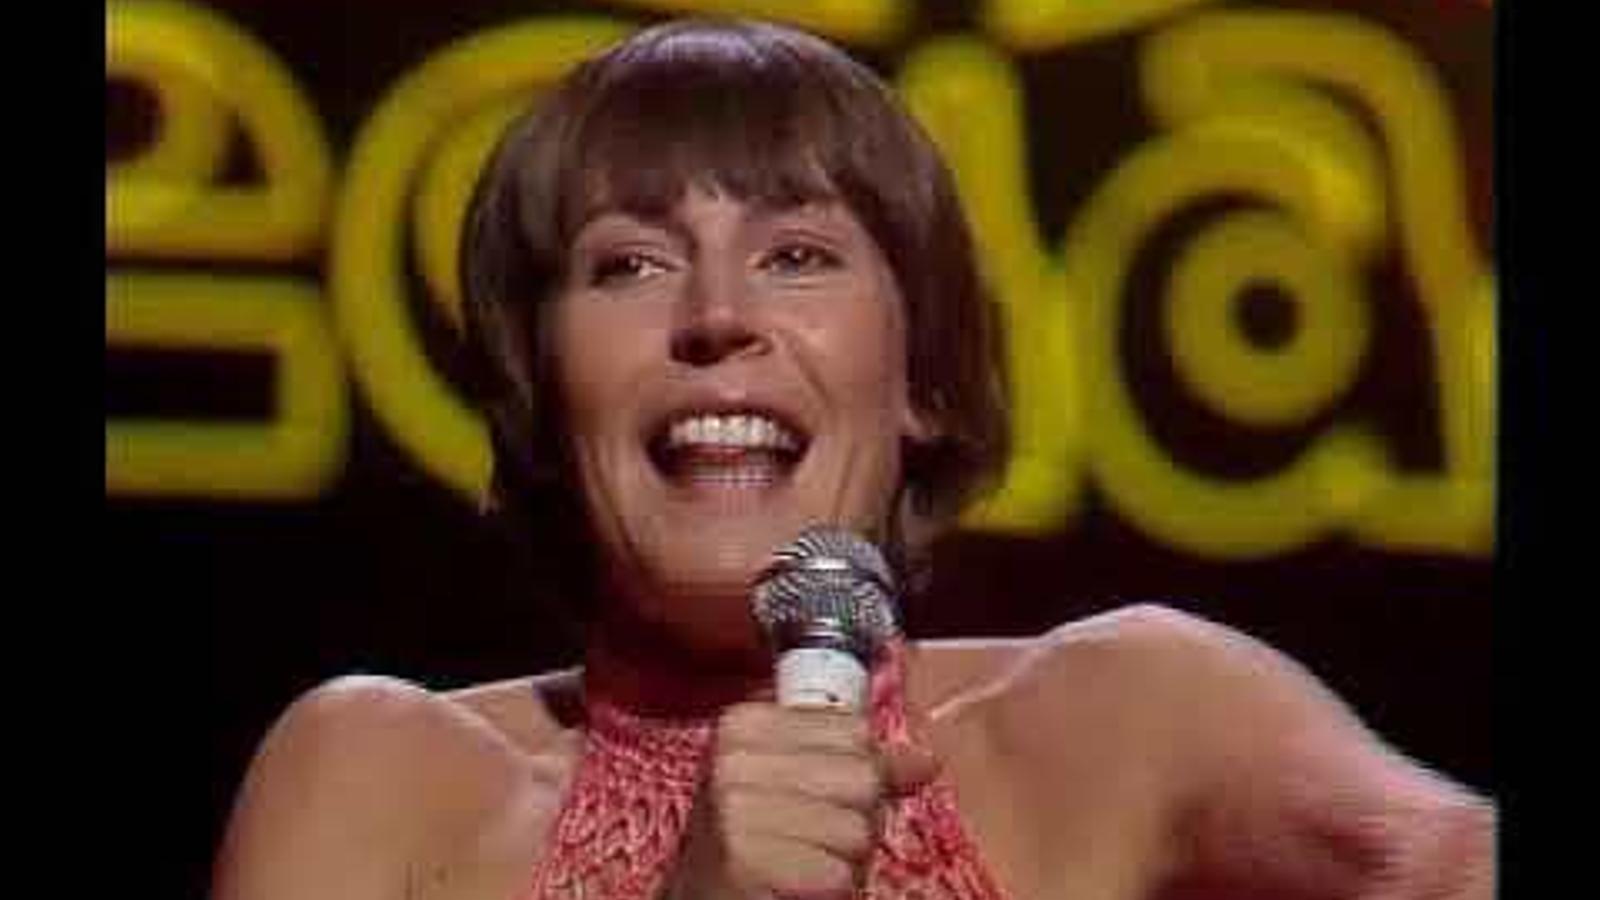 Helen Reddy, 'I am a woman'